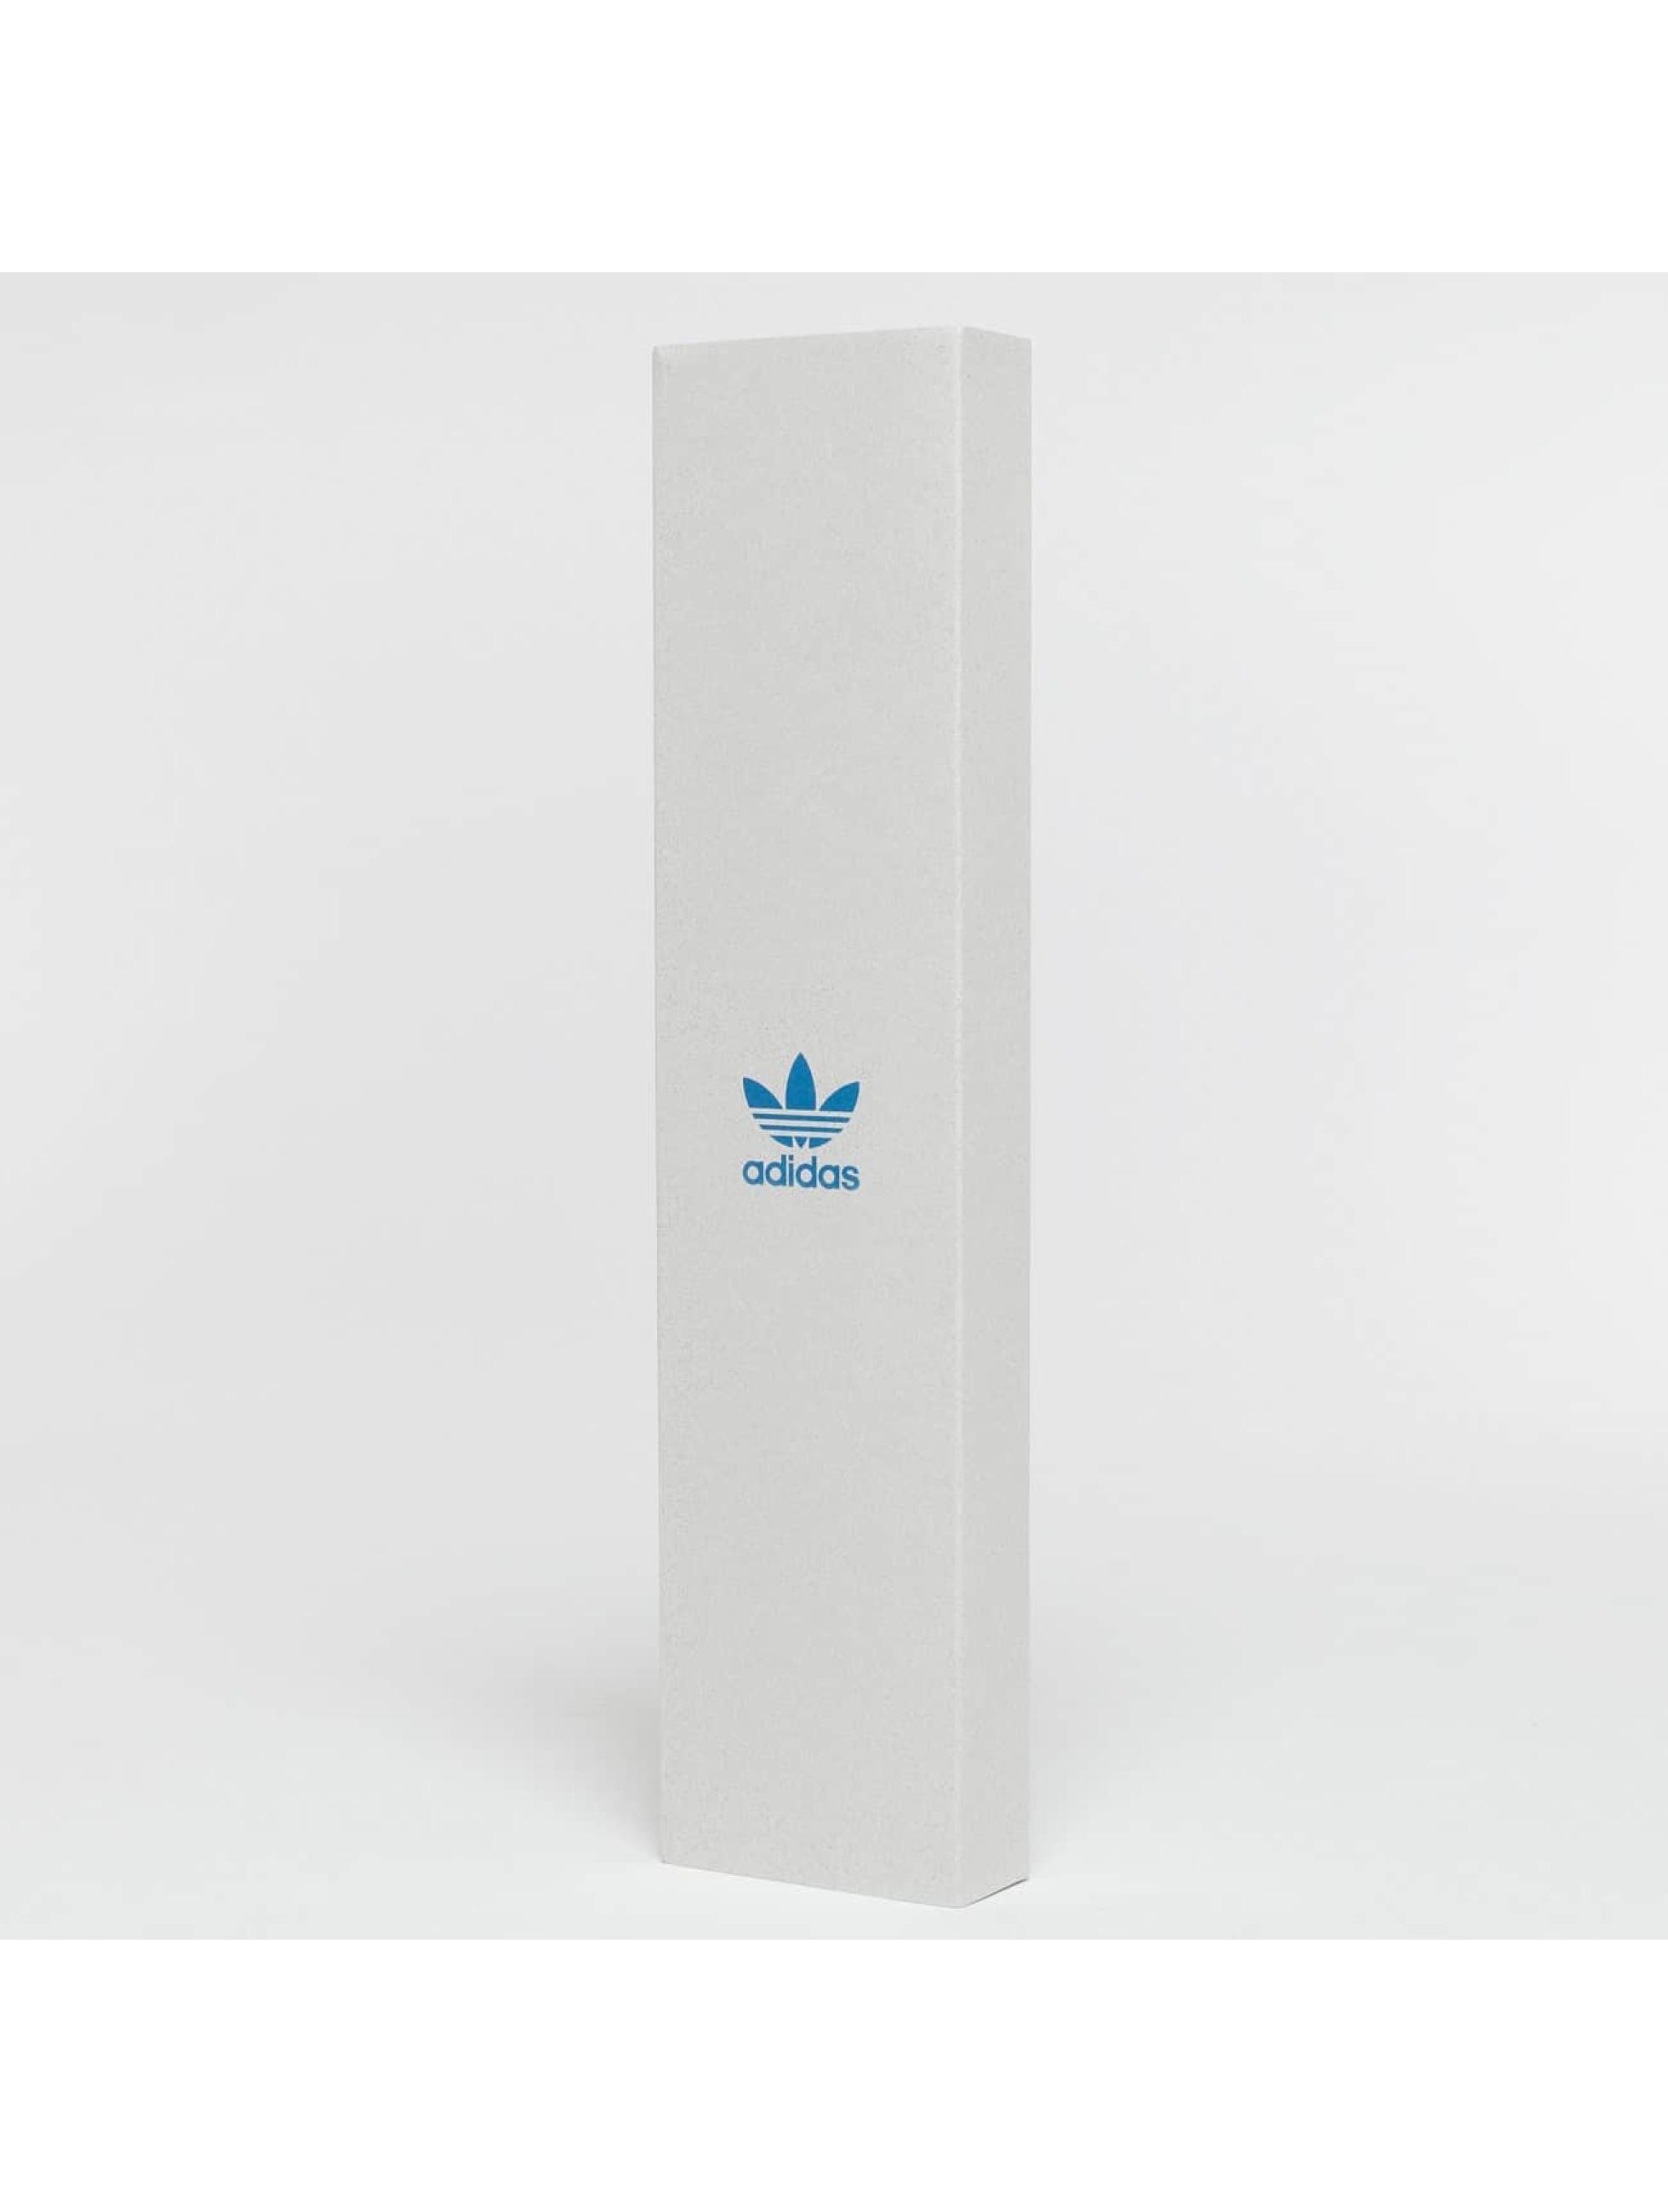 Adidas Watches Zegarki Process M1 szary